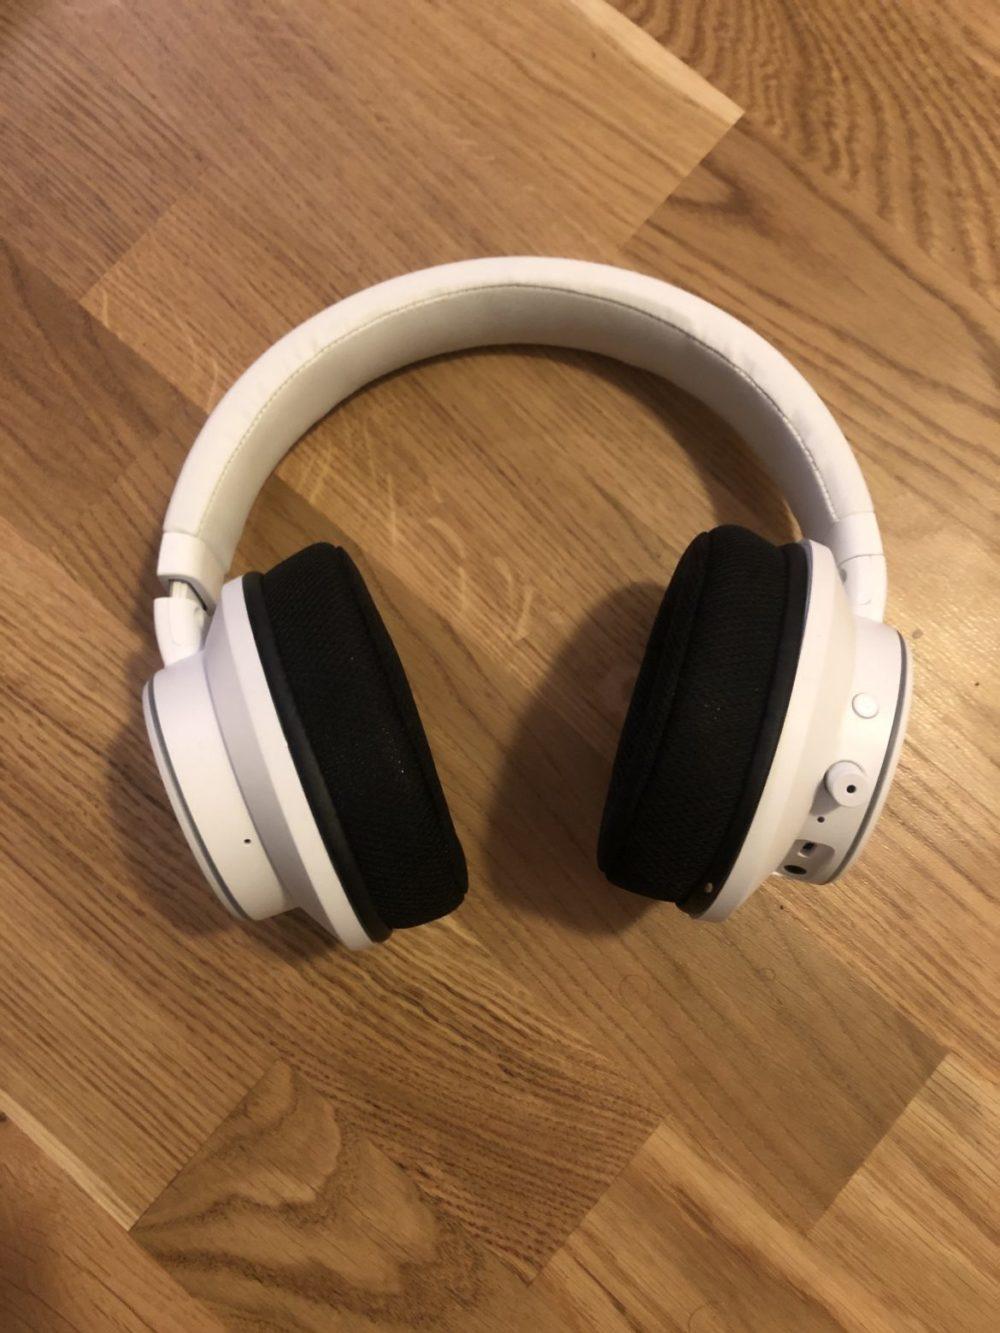 Creative SXFI AIR headphones test senses.se